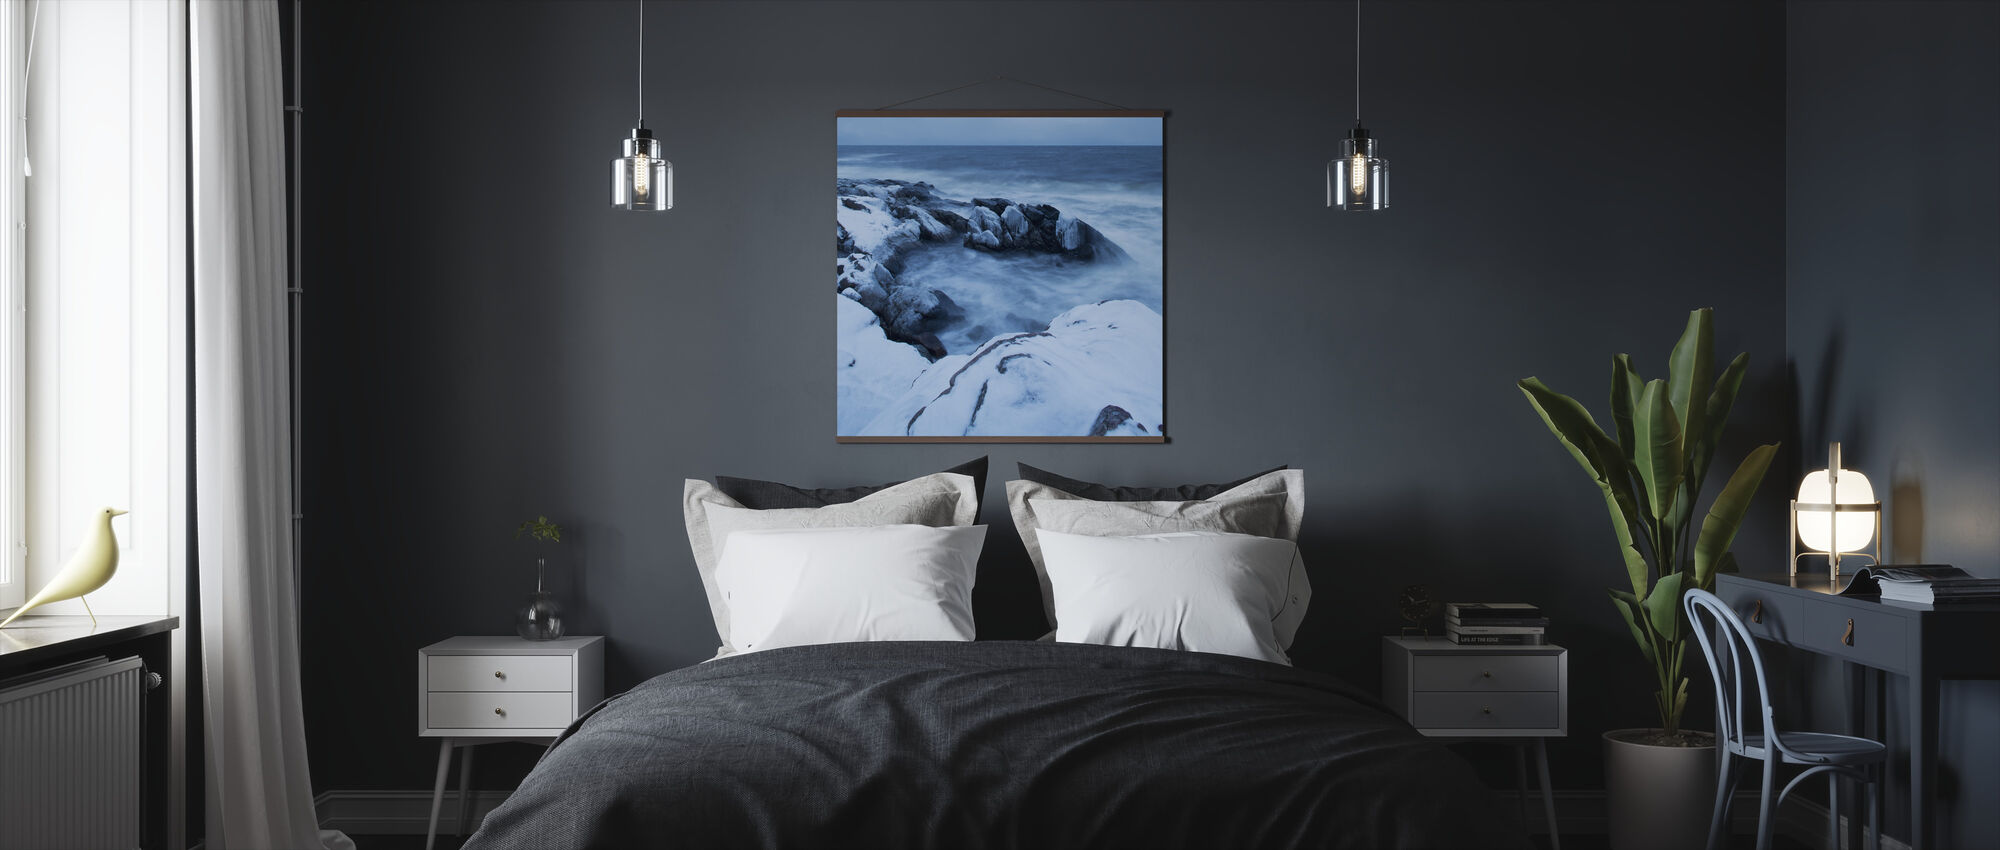 Stenshuvud in Winter Dress - Poster - Bedroom